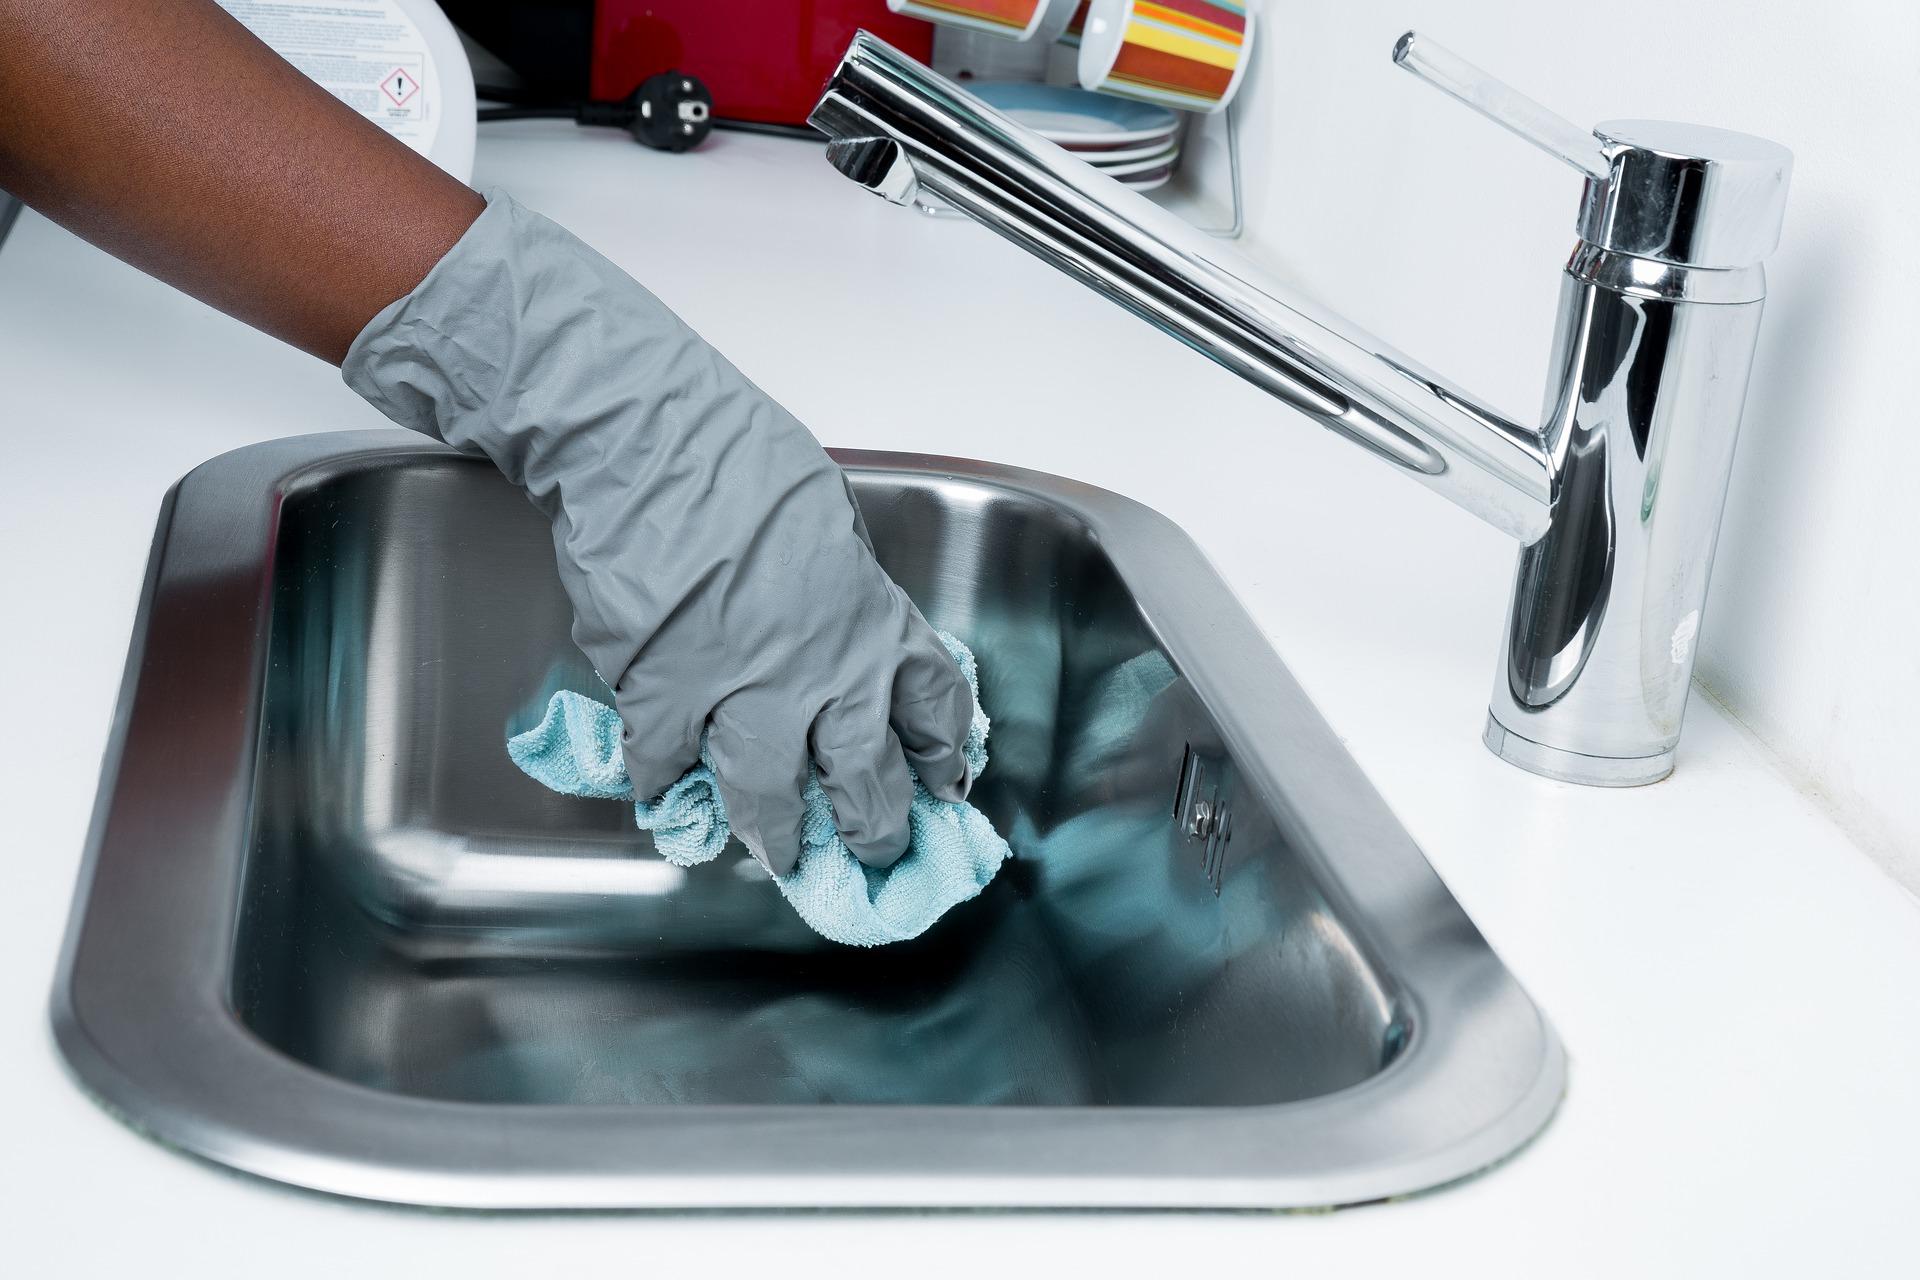 Kako enostavno očistimo vodni kamen?